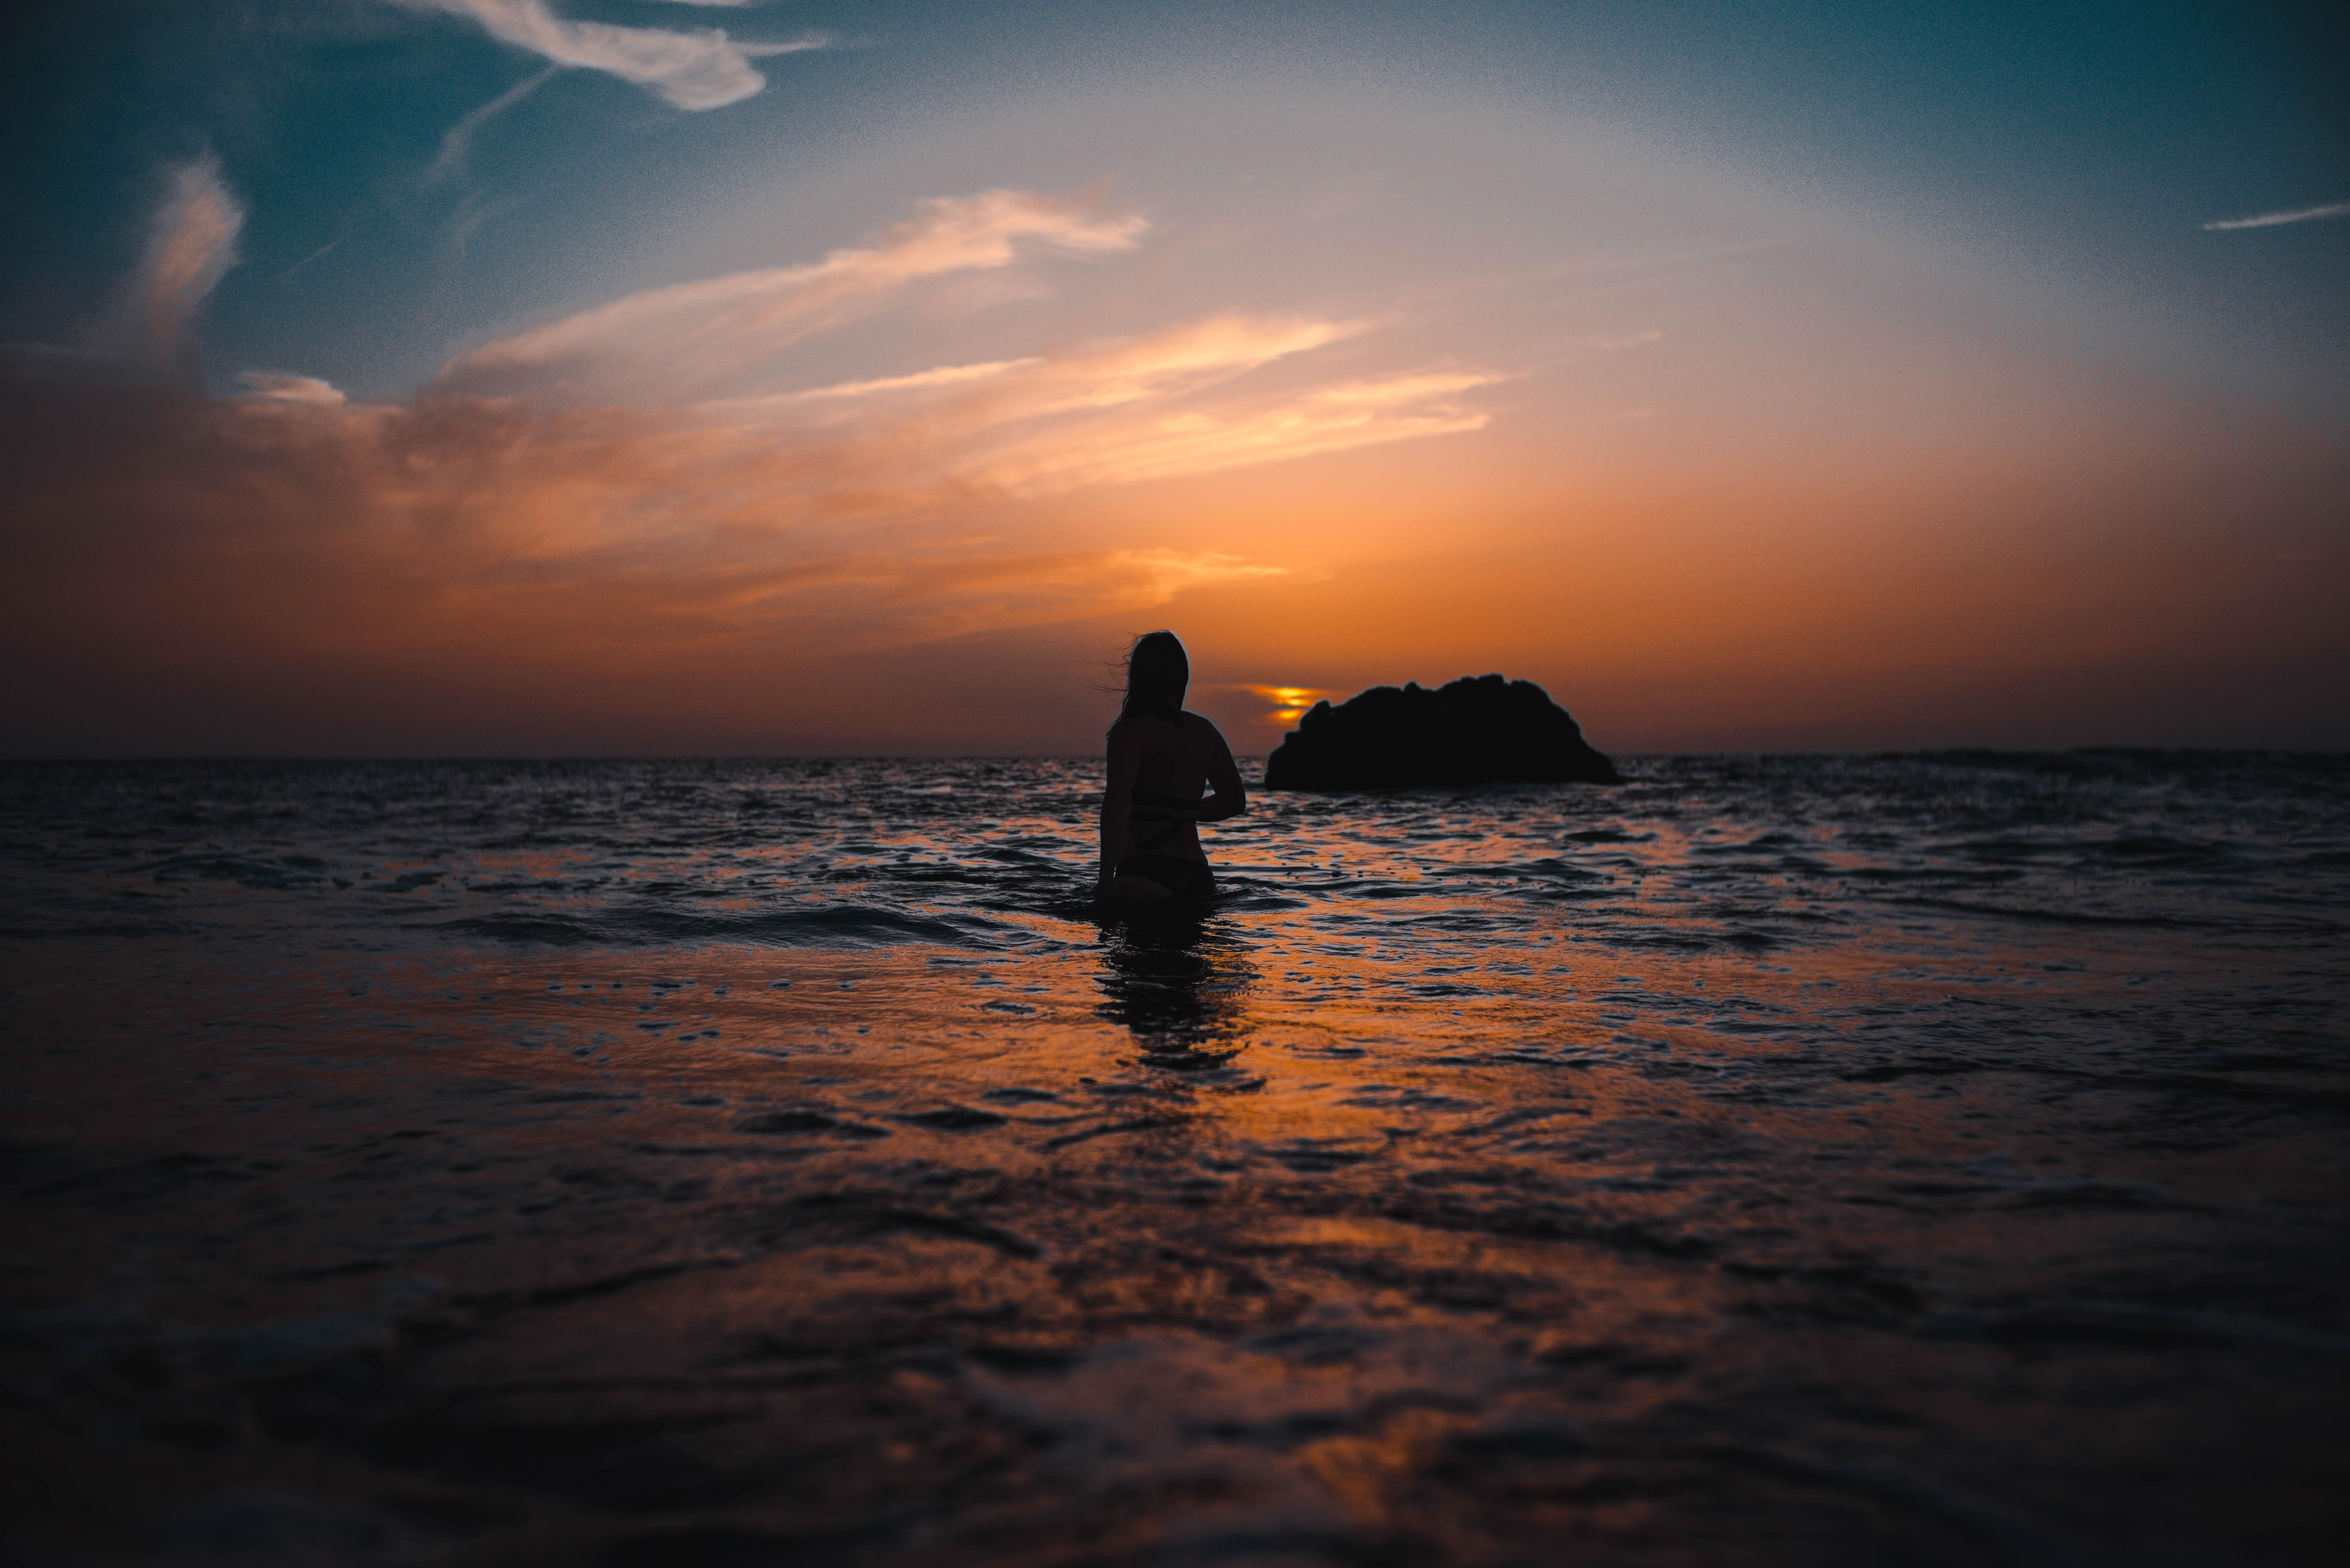 картинка ждет на берегу моря видеодорожка представляет собой